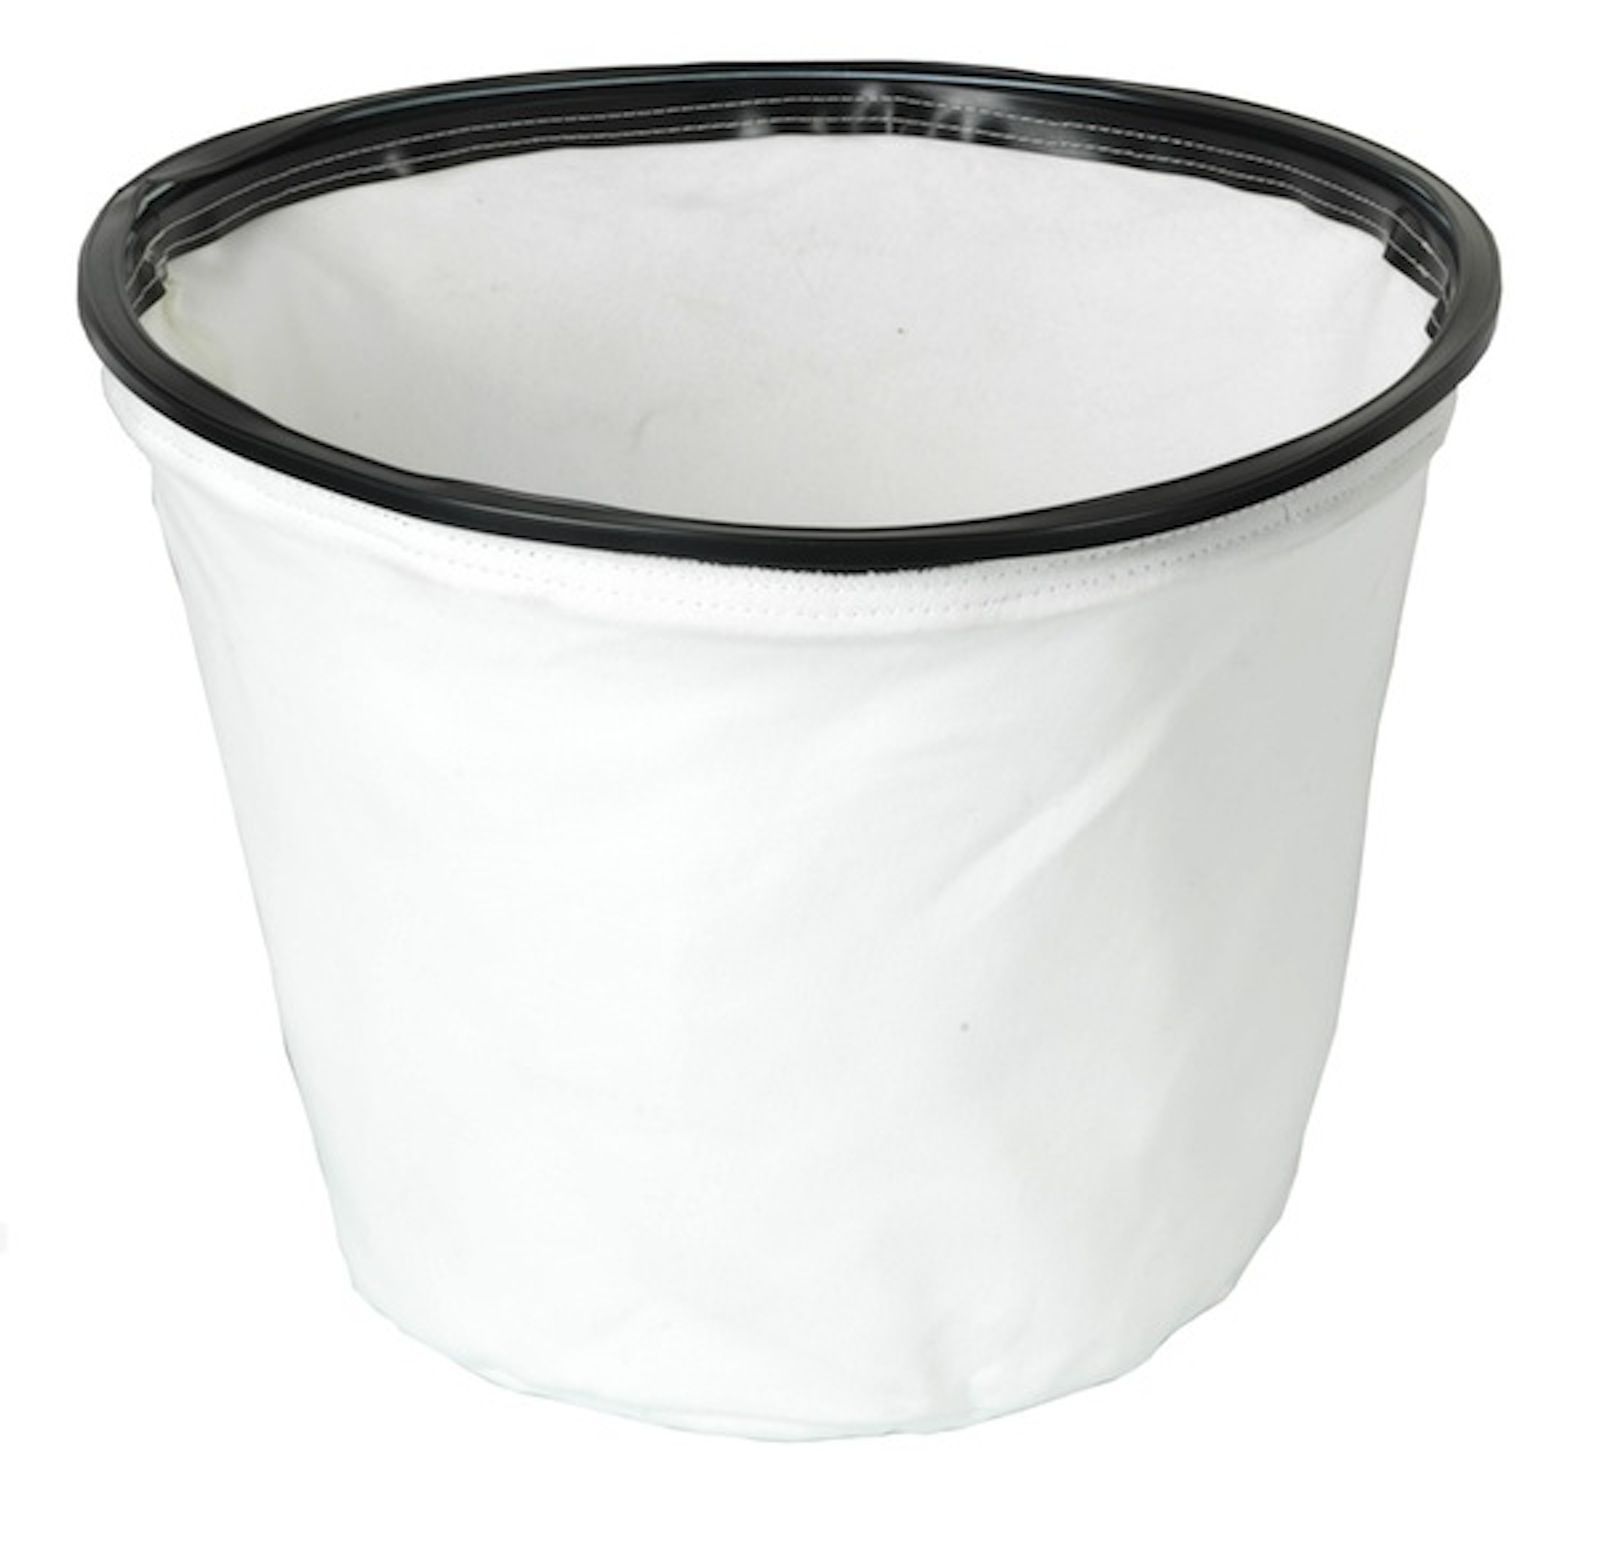 filtre pour aspirateur eau poussiere aspirix 60l pro prasp60 f ebay. Black Bedroom Furniture Sets. Home Design Ideas